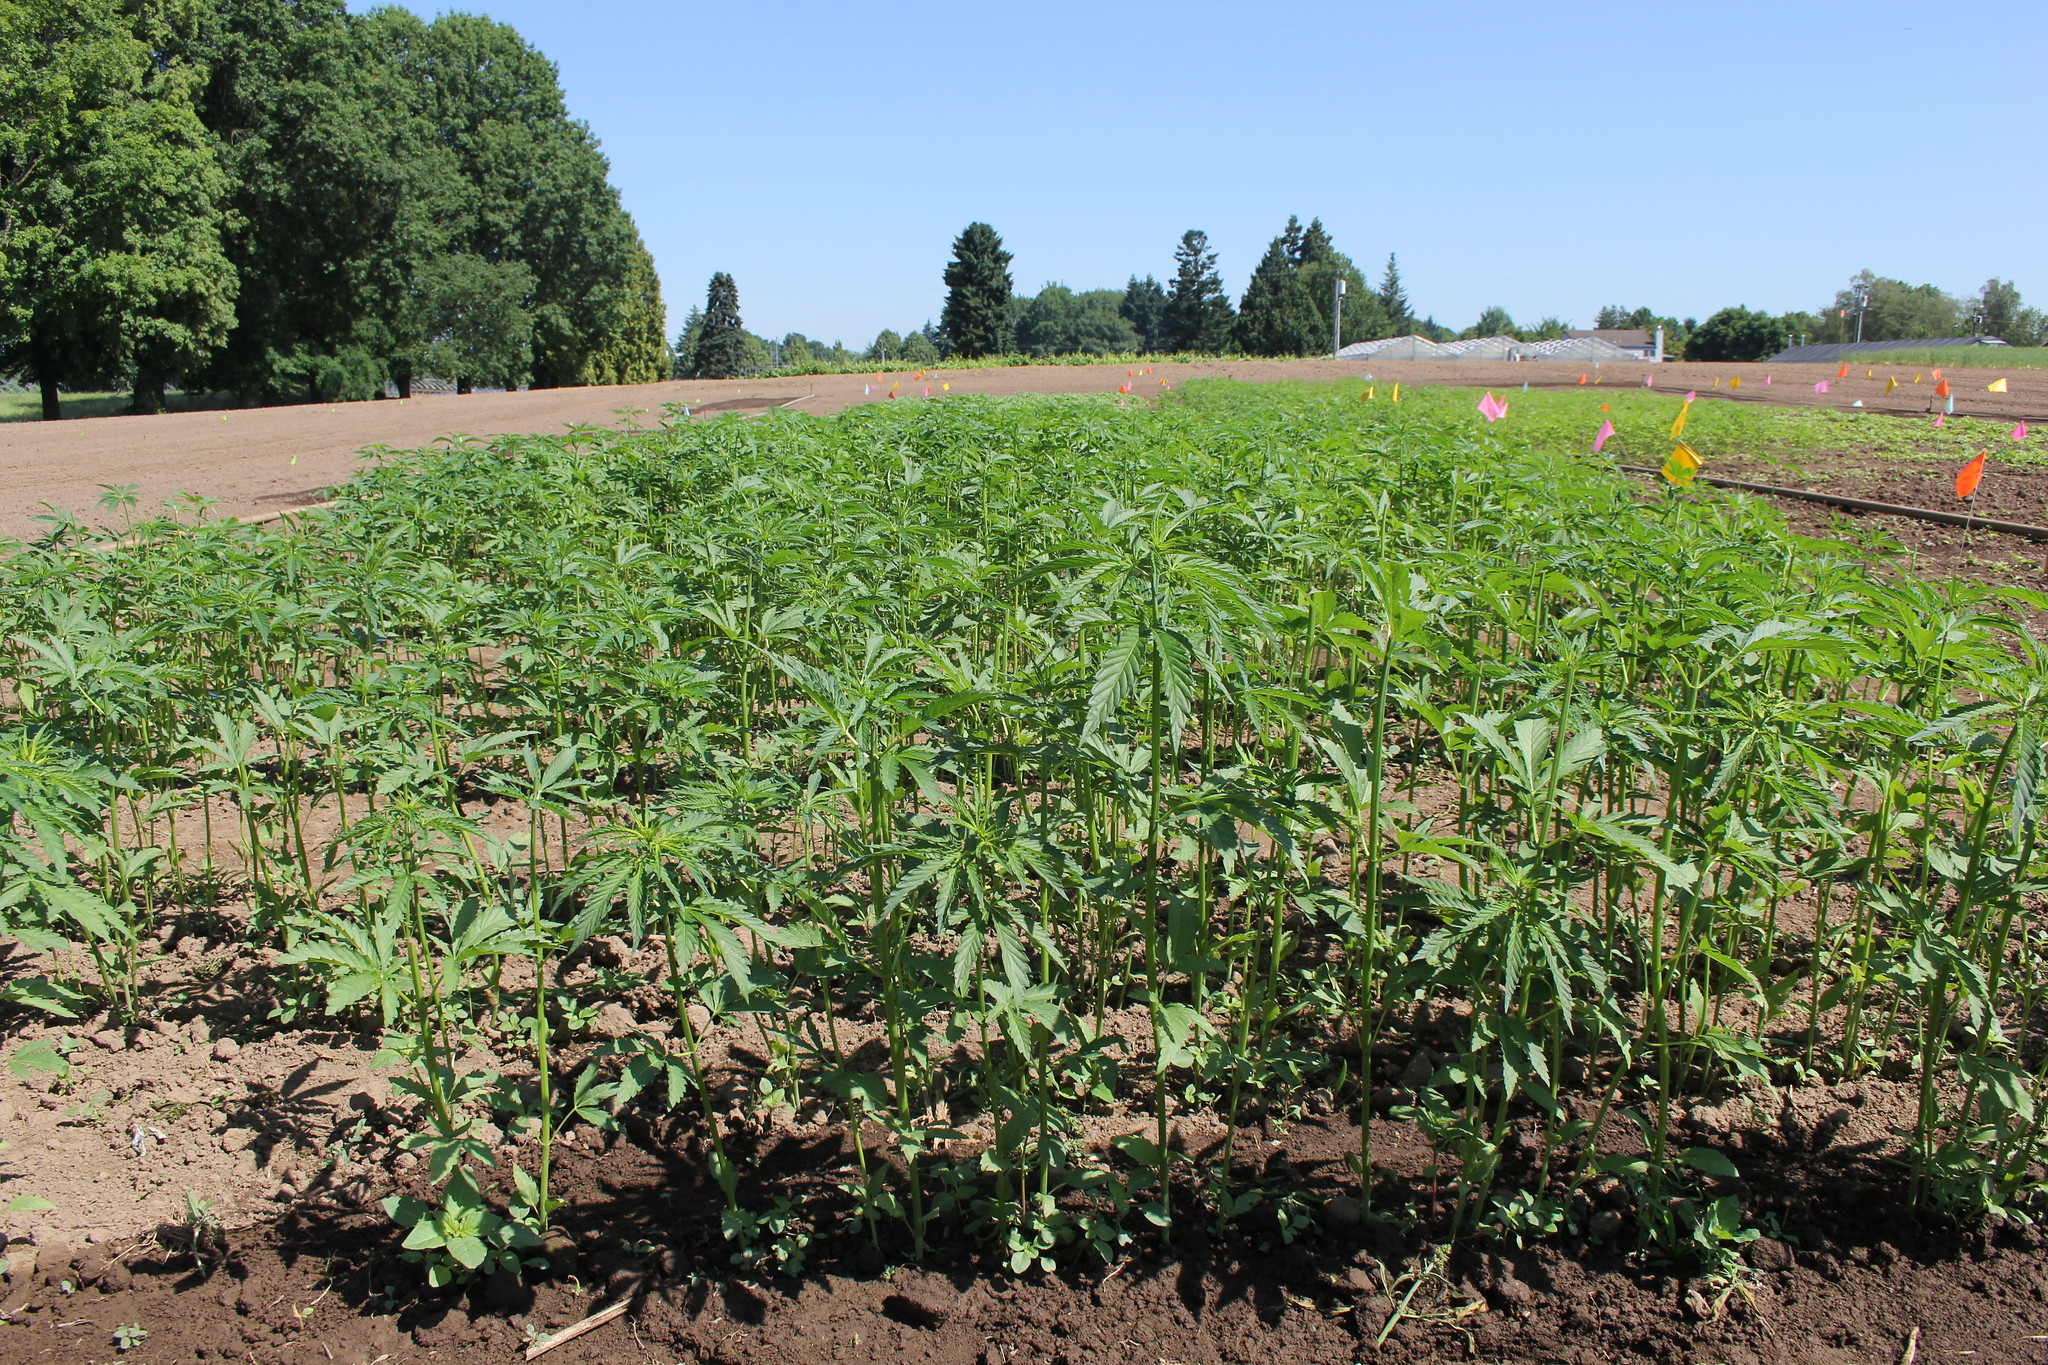 Hemp plants in a research plot